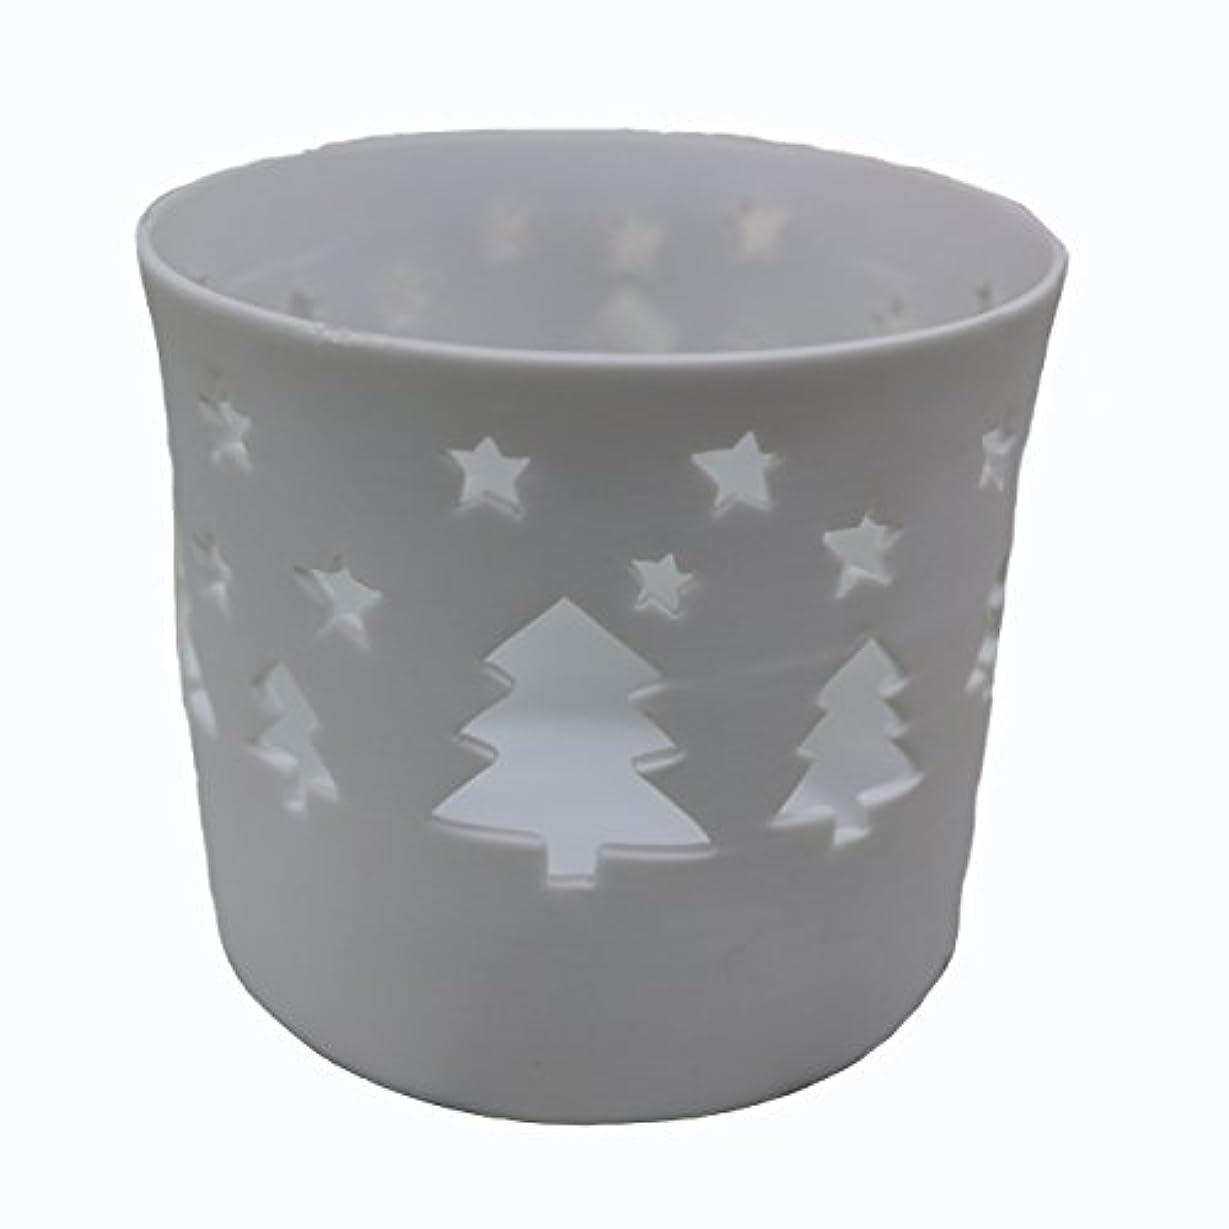 資格情報ドリンク洋服キャンドルカップ(ティーライト付き)ツリー